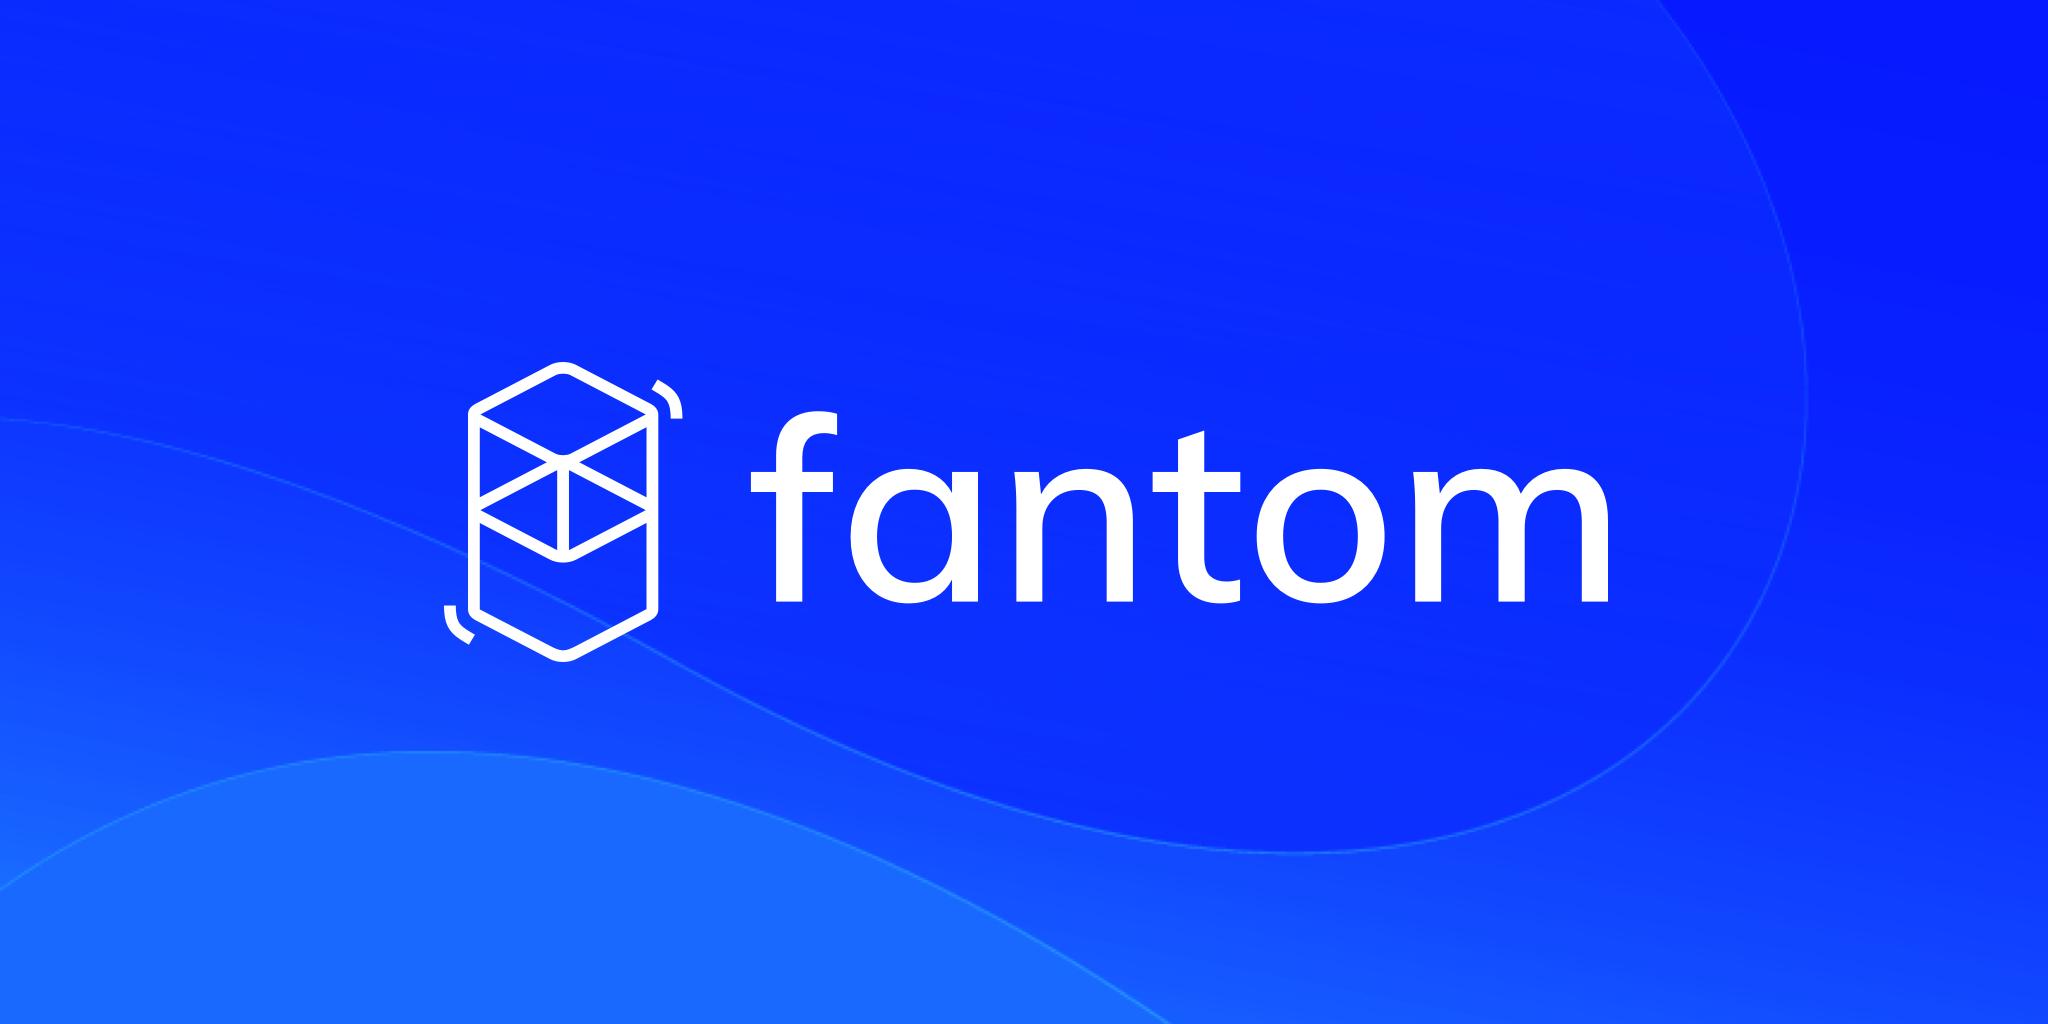 Fantom Crypto